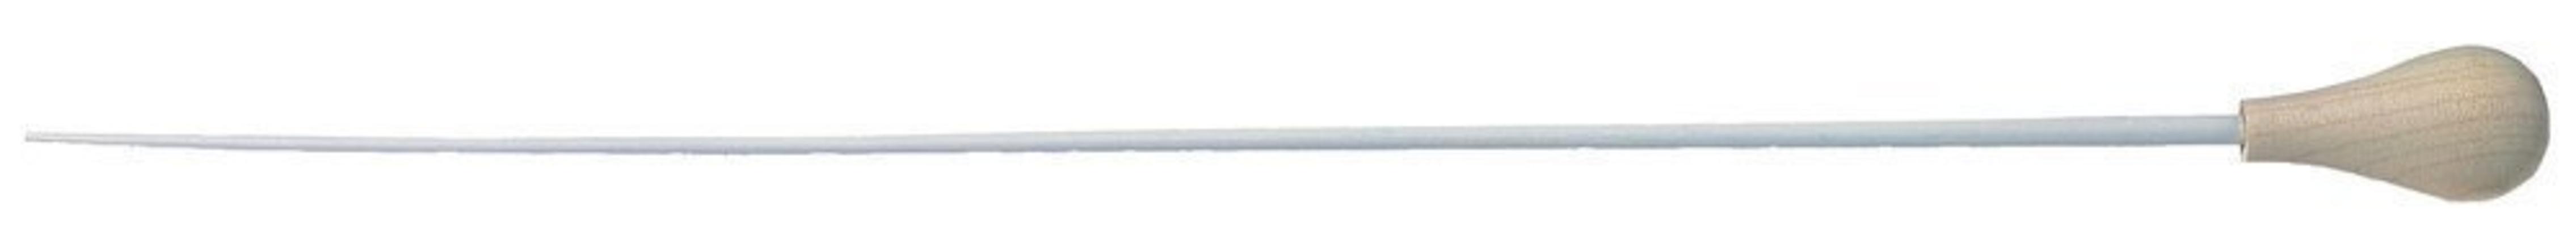 Gewa 912318 Baguette de direction 41 cm bois